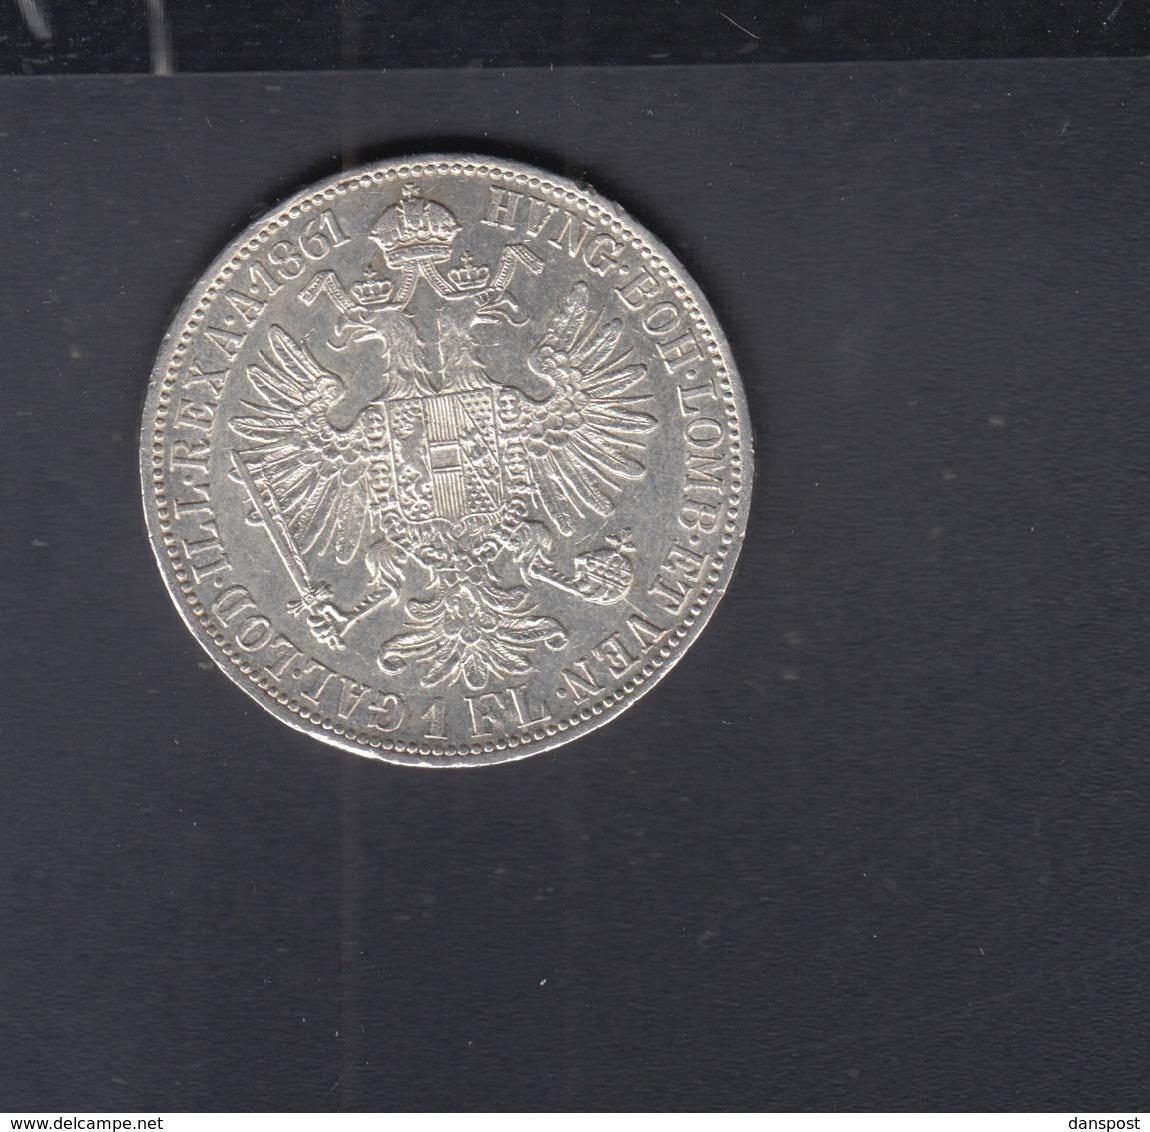 Österreich 1 Florin 1861 A - Austria